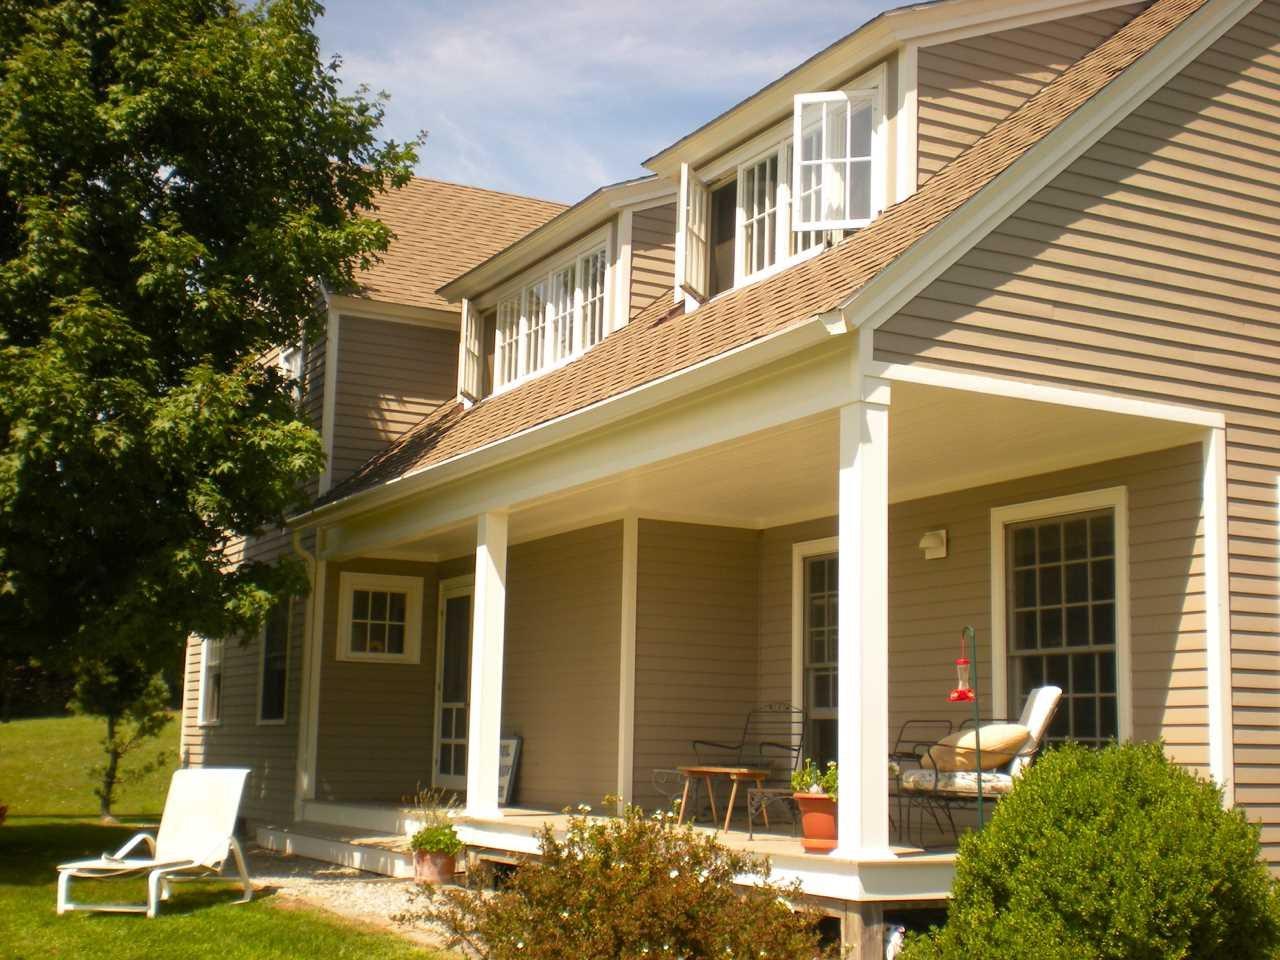 111 JAMESON HILL ROAD, Washington, NY 12514